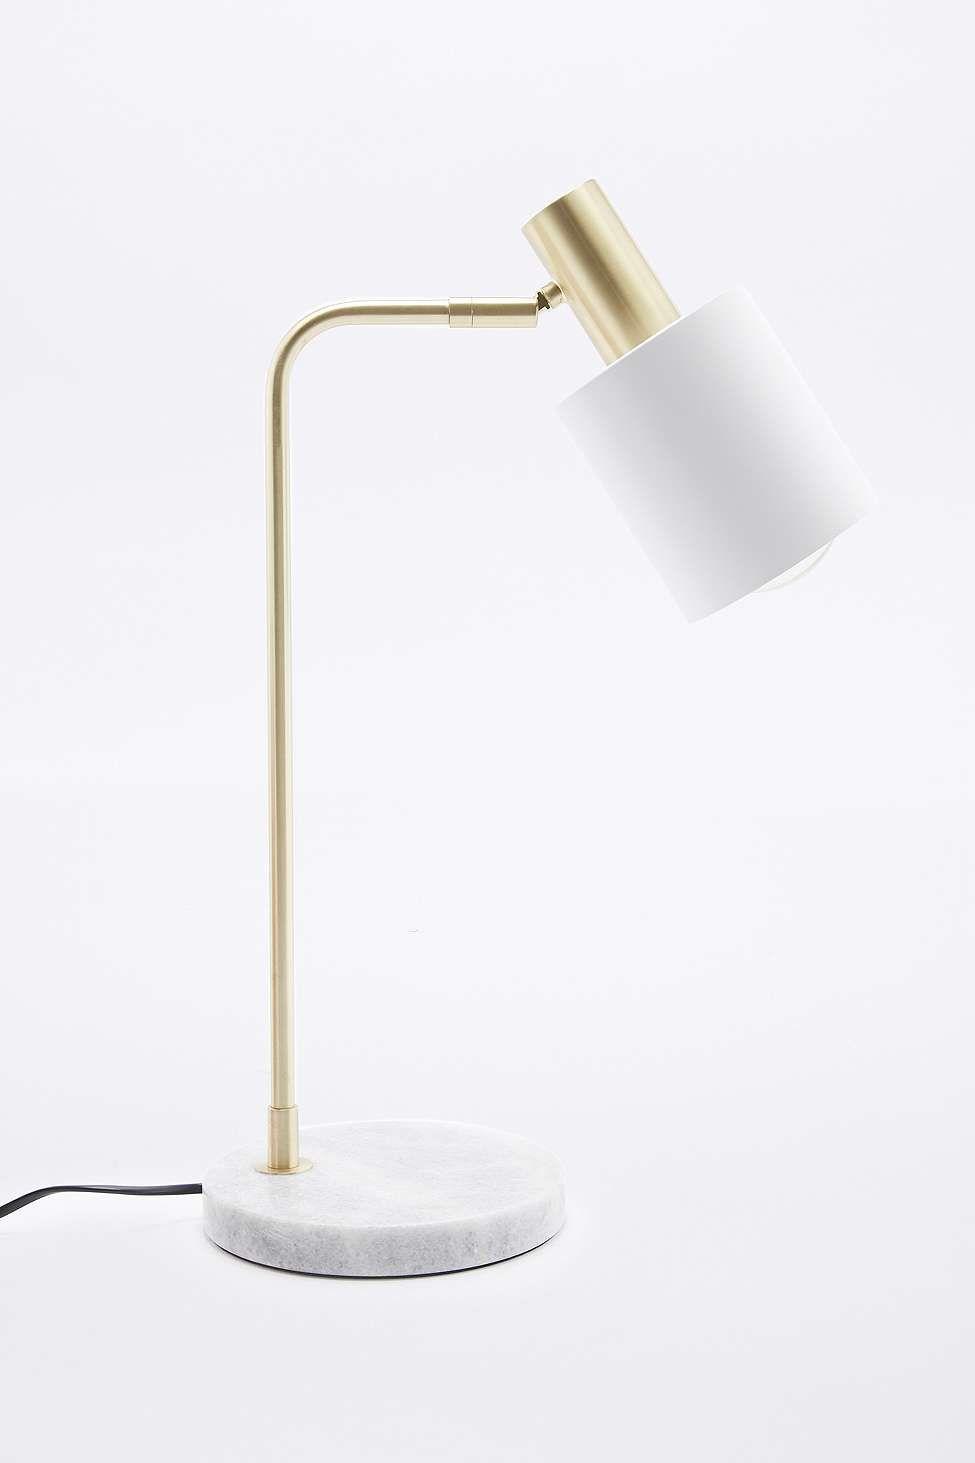 Lampe De Bureau En Marbre Et Blanche Lampes De Table Lampe De Bureau Lampe De Table Moderne